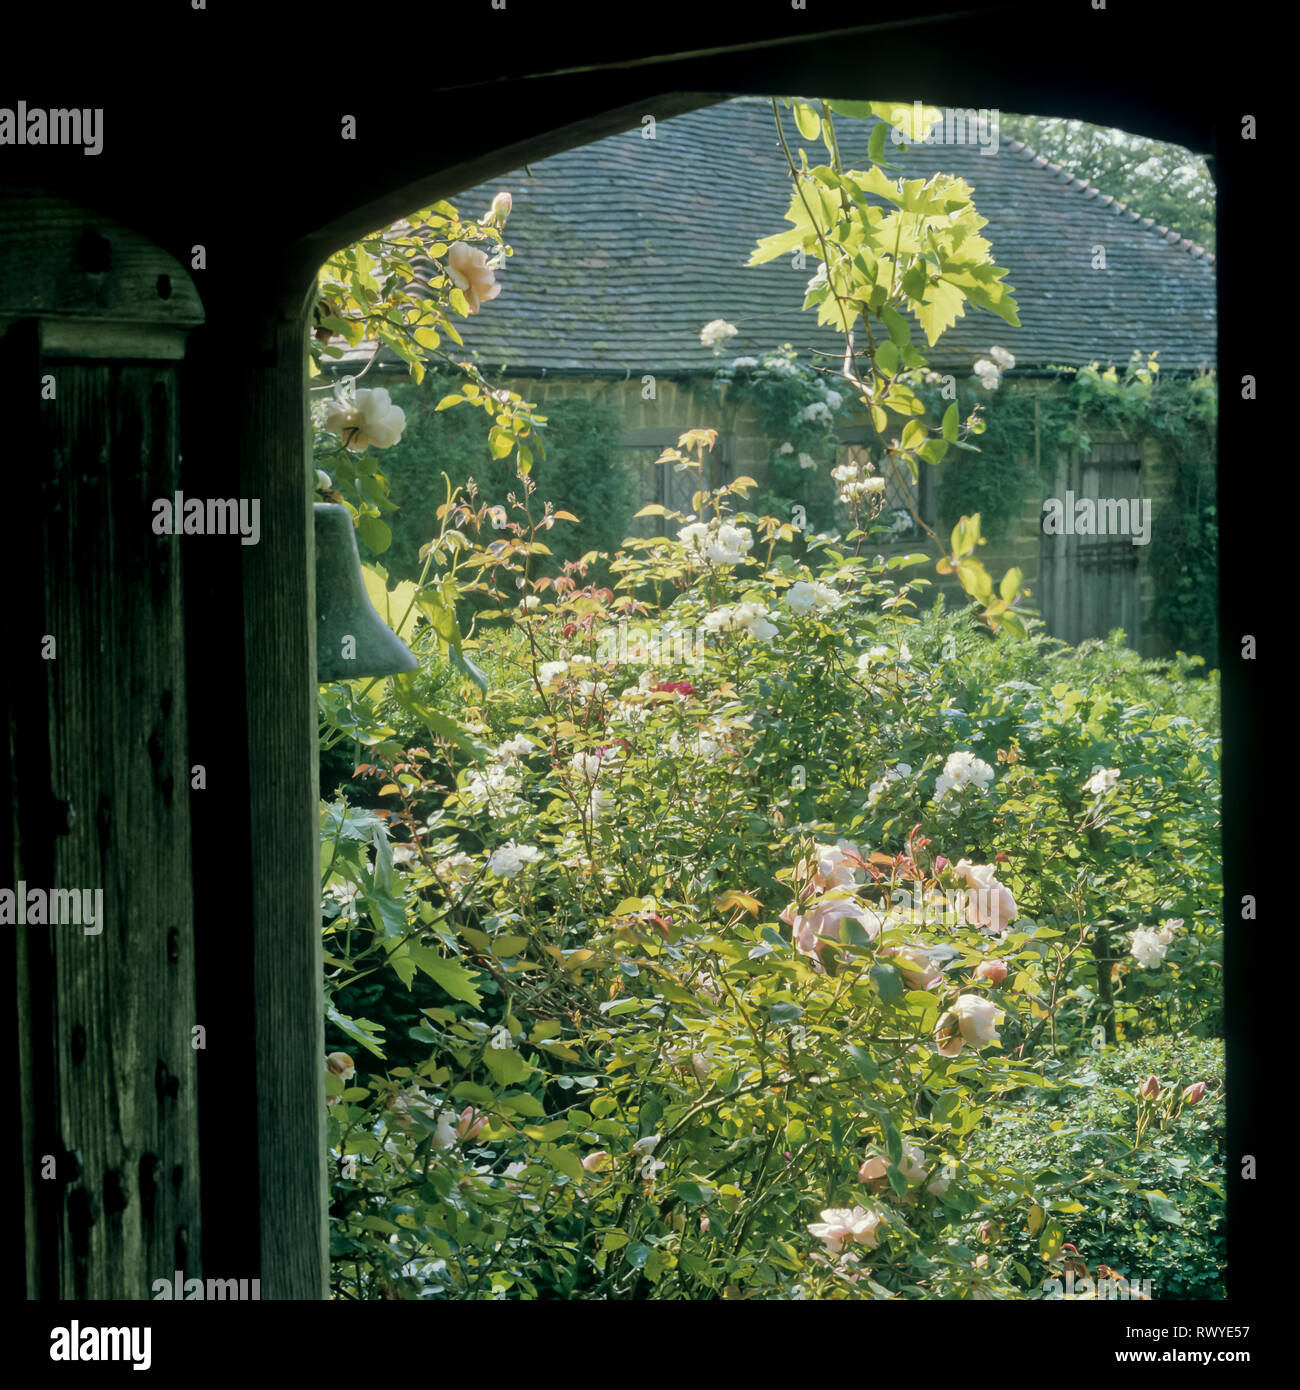 Doorway to flower garden - Stock Image